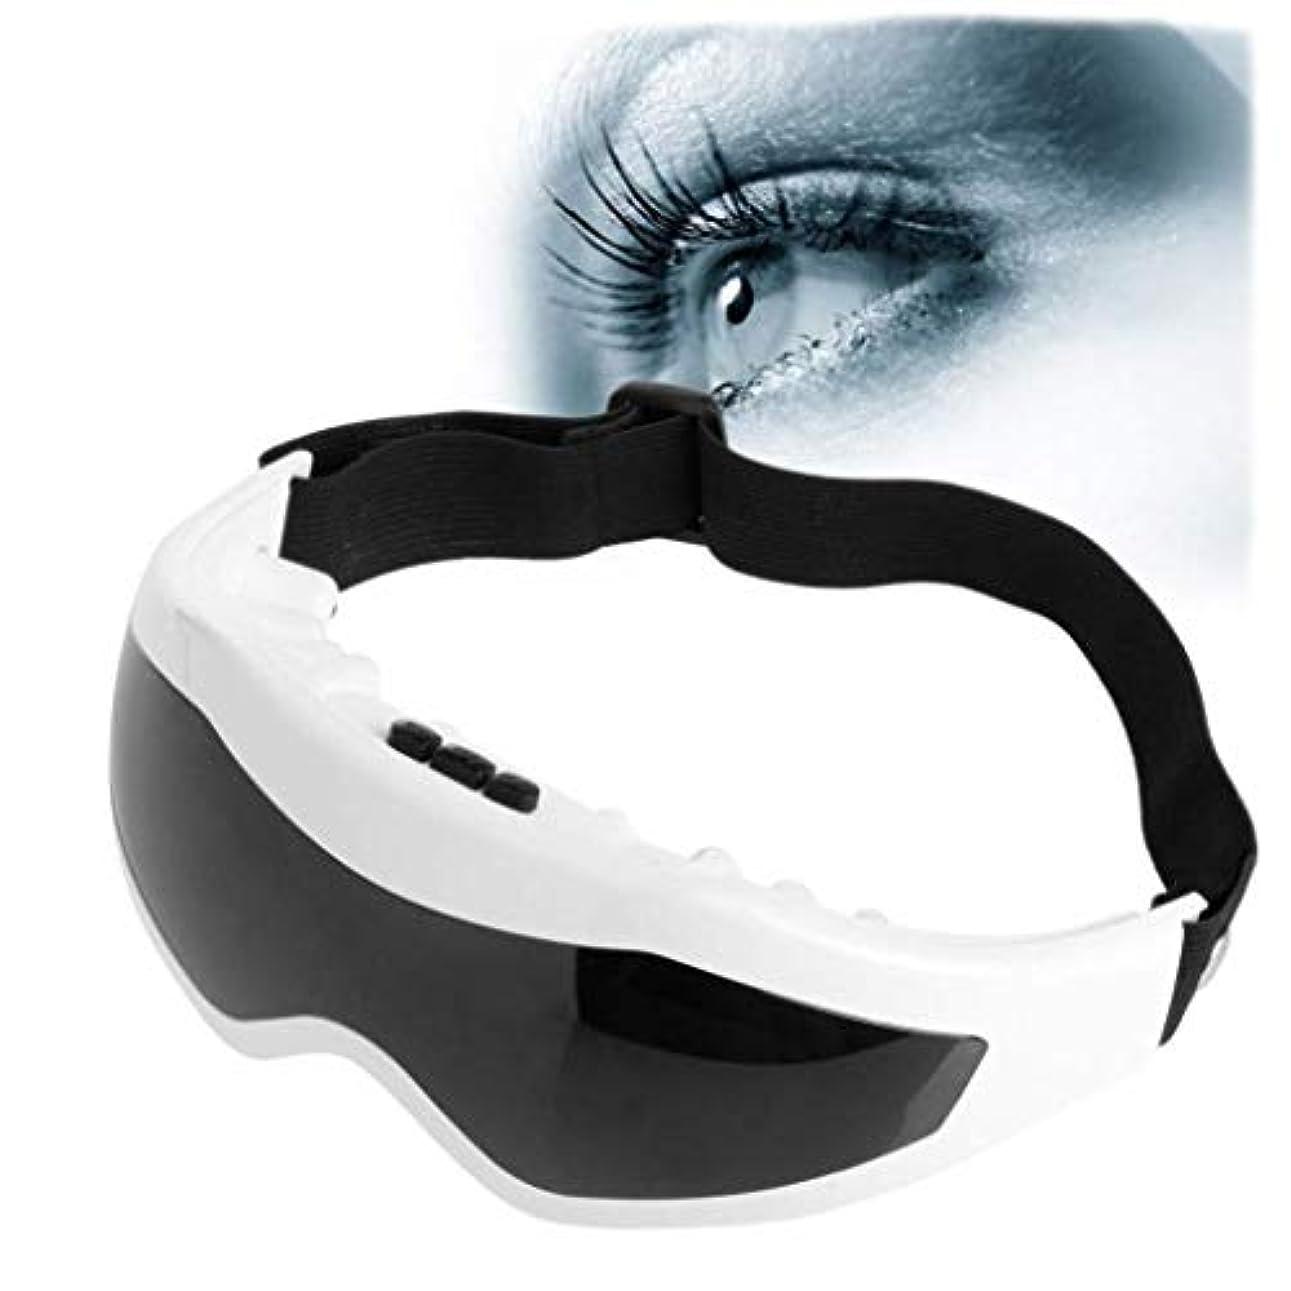 植生三角形インシデント電気アイマッサージャー、9種類のマッサージ方法USB充電式、アイケアマッサージリラックス振動を軽減指の圧力を軽減します目の疲れを軽減するための保護器具